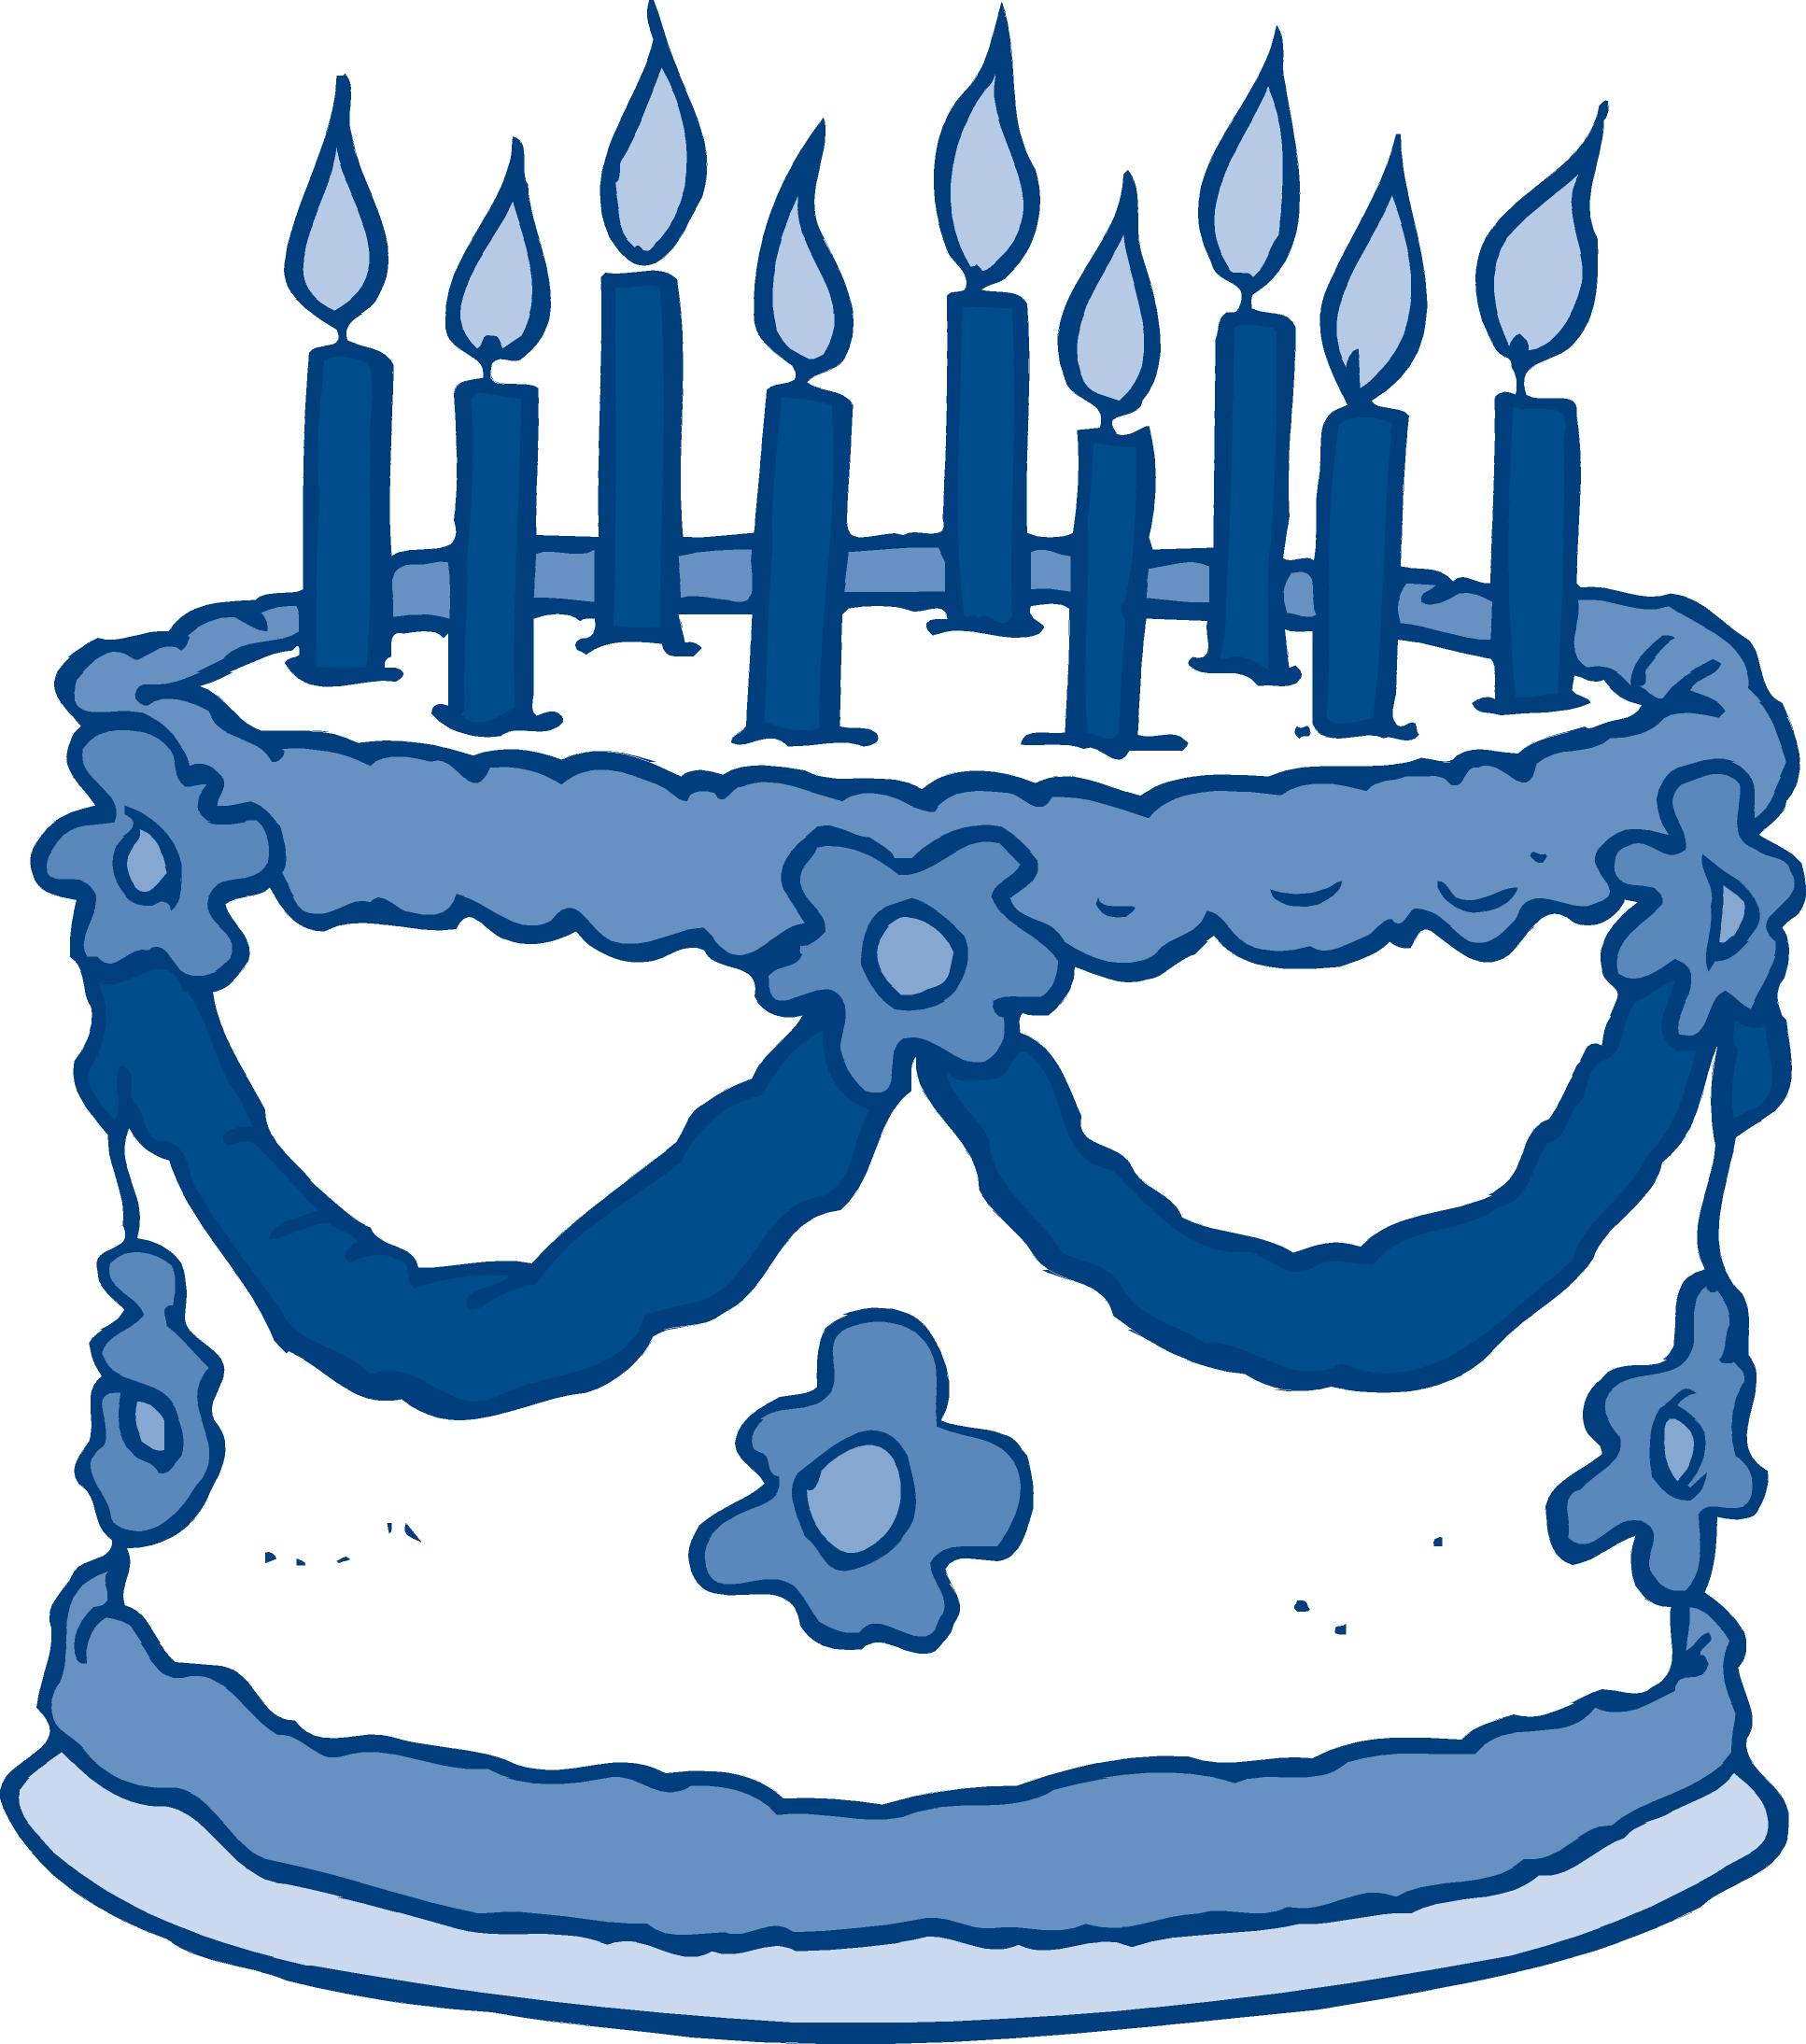 Blue clipart birthday cake. Clip art birthdaycake clipartpost